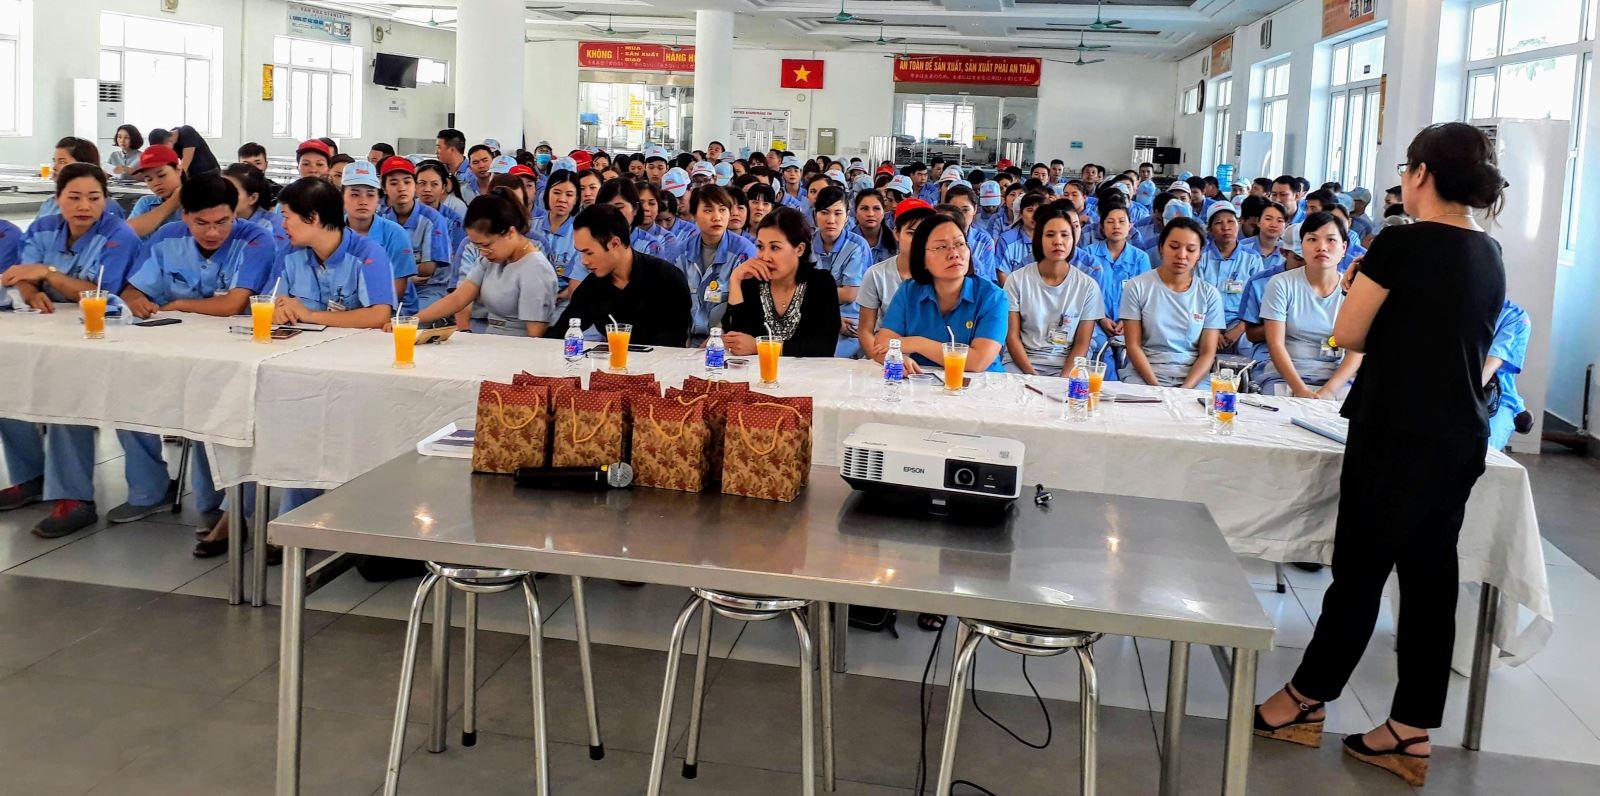 Hà Nội: Tuyên truyền về BHXH, BHYT cho gần 300 công nhân Nhà máy Điện Stanley Việt Nam